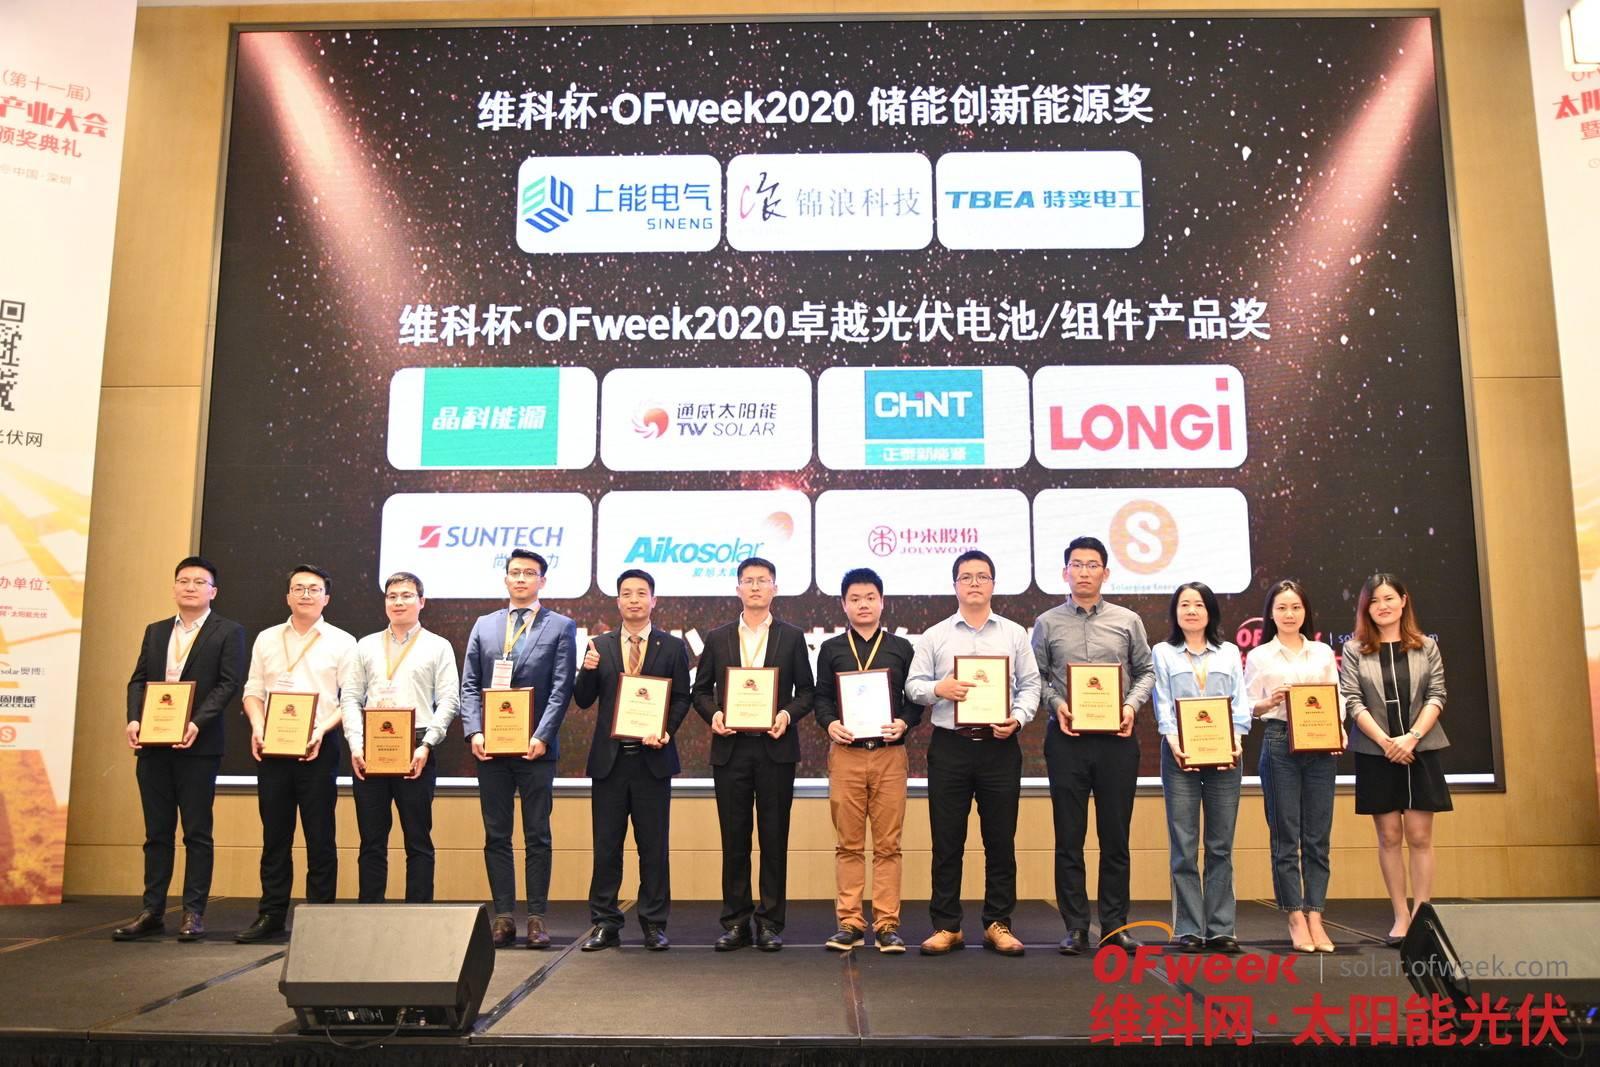 浙江正泰新能源开发有限公司荣获维科杯·OFweek 2020卓越光伏电池/组件产品奖